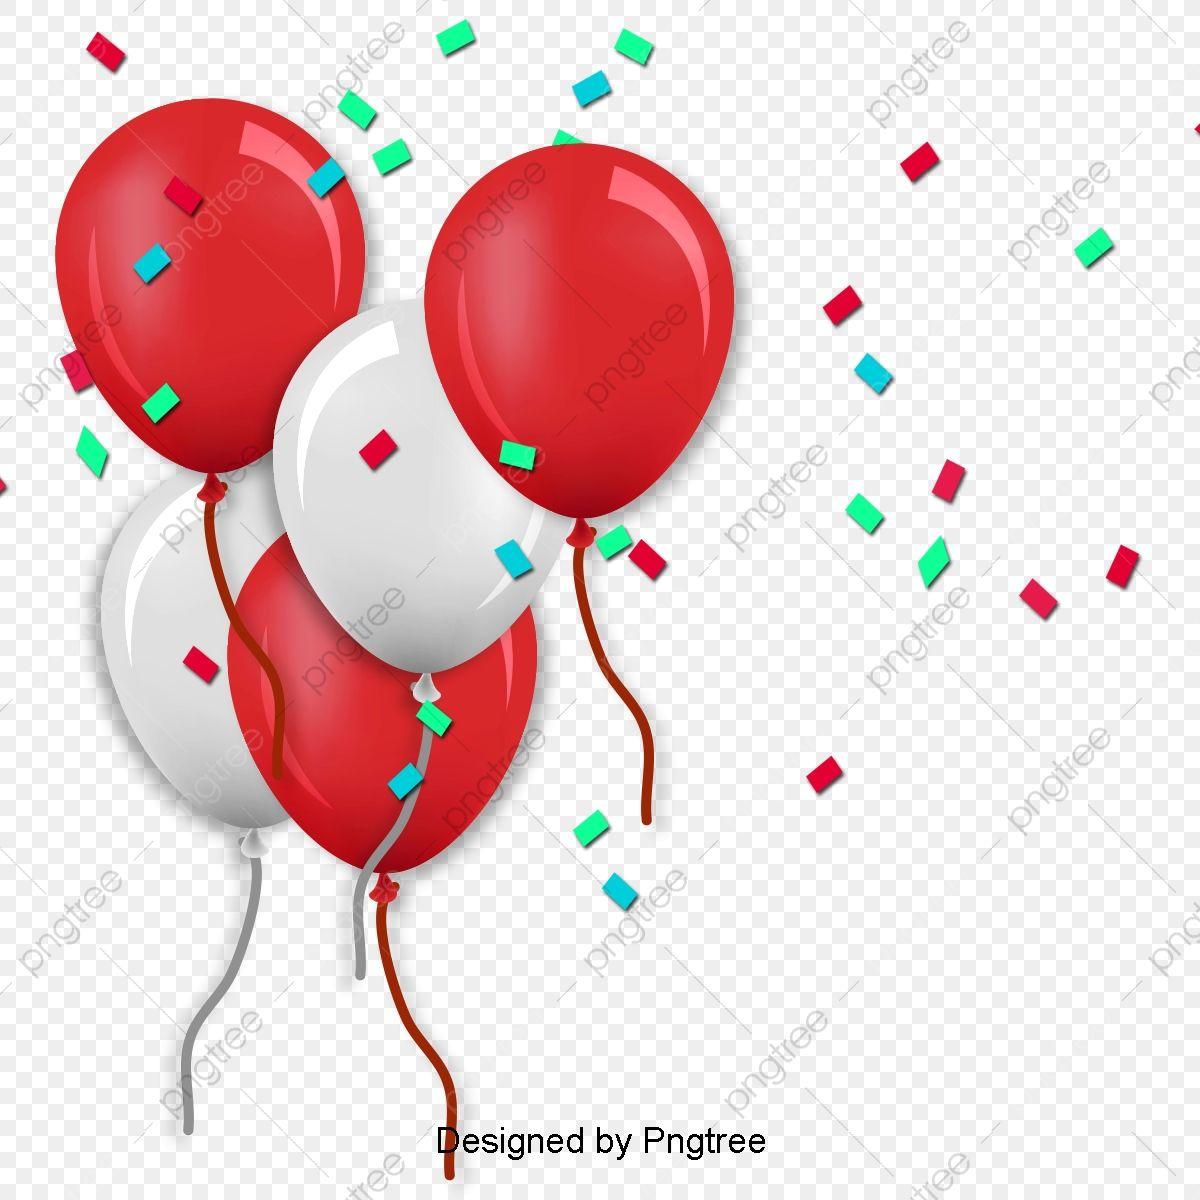 Globos De Cumpleanos Clipart De Globos De Cumpleanos Globo Globo Rojo Png Y Psd Para Descargar Gratis Pngtree Birthday Balloons Clipart Birthday Balloons Red Balloon